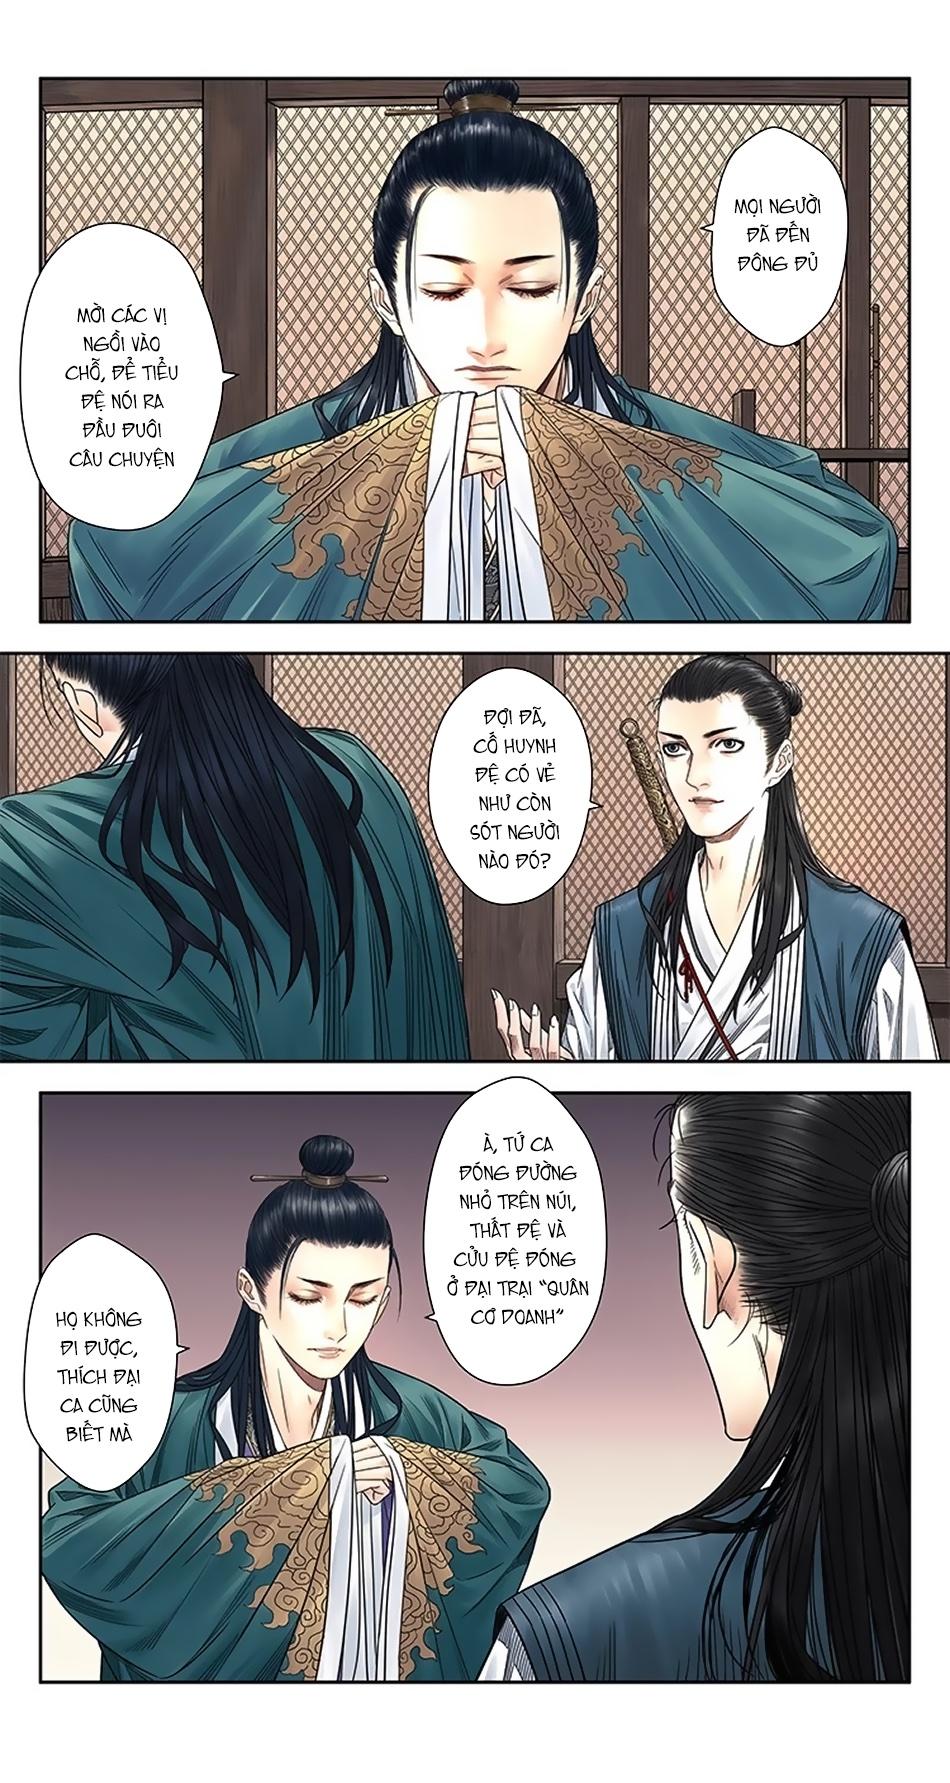 Nghịch Thủy Hàn Chapter 3 - Hamtruyen.vn